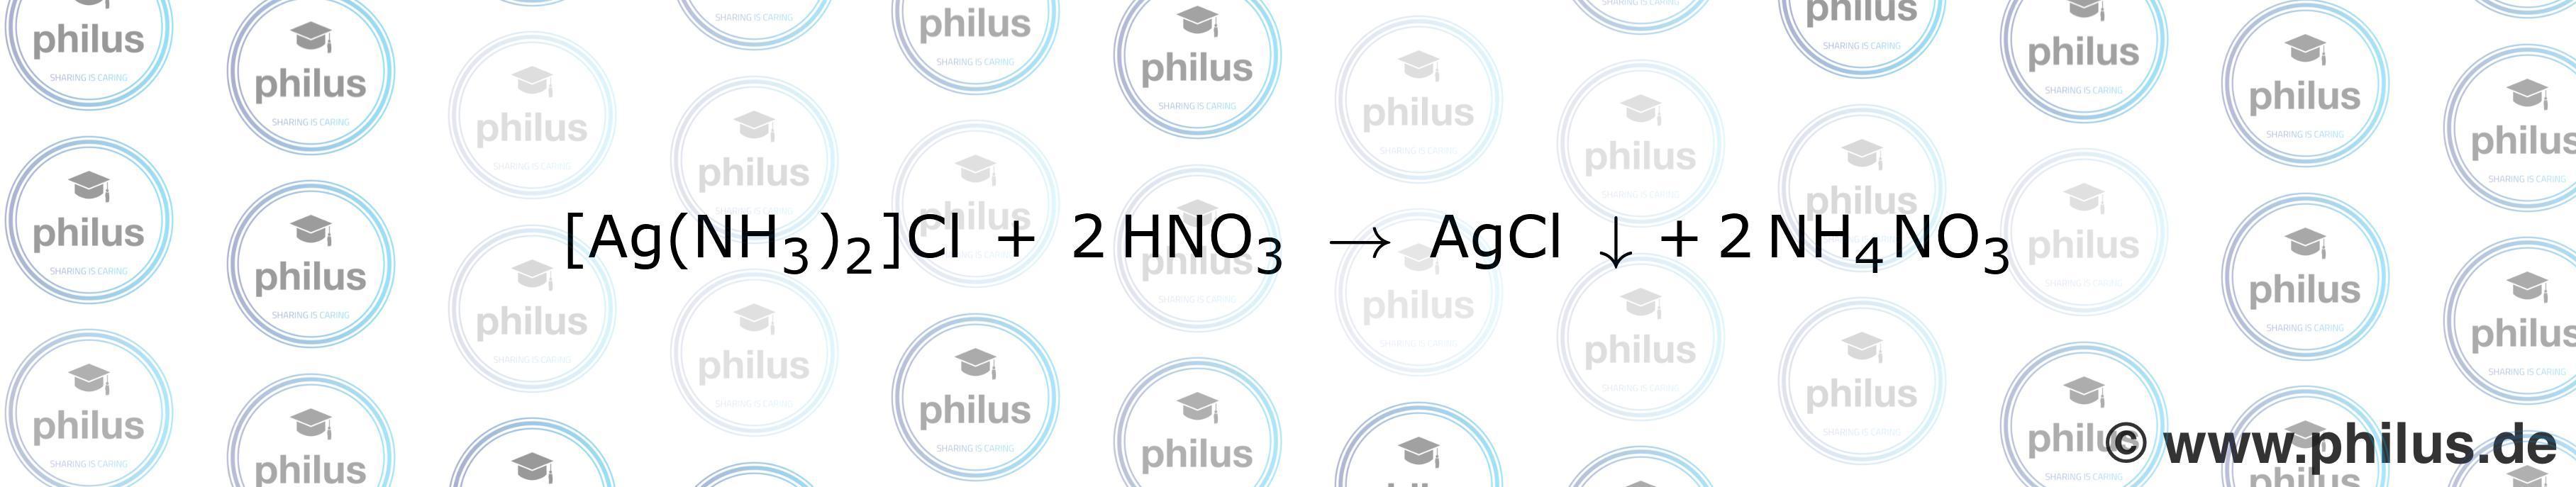 [Ag(NH3)2]Cl + 2 HNO3 → AgCl ↓+ 2 NH4NO3